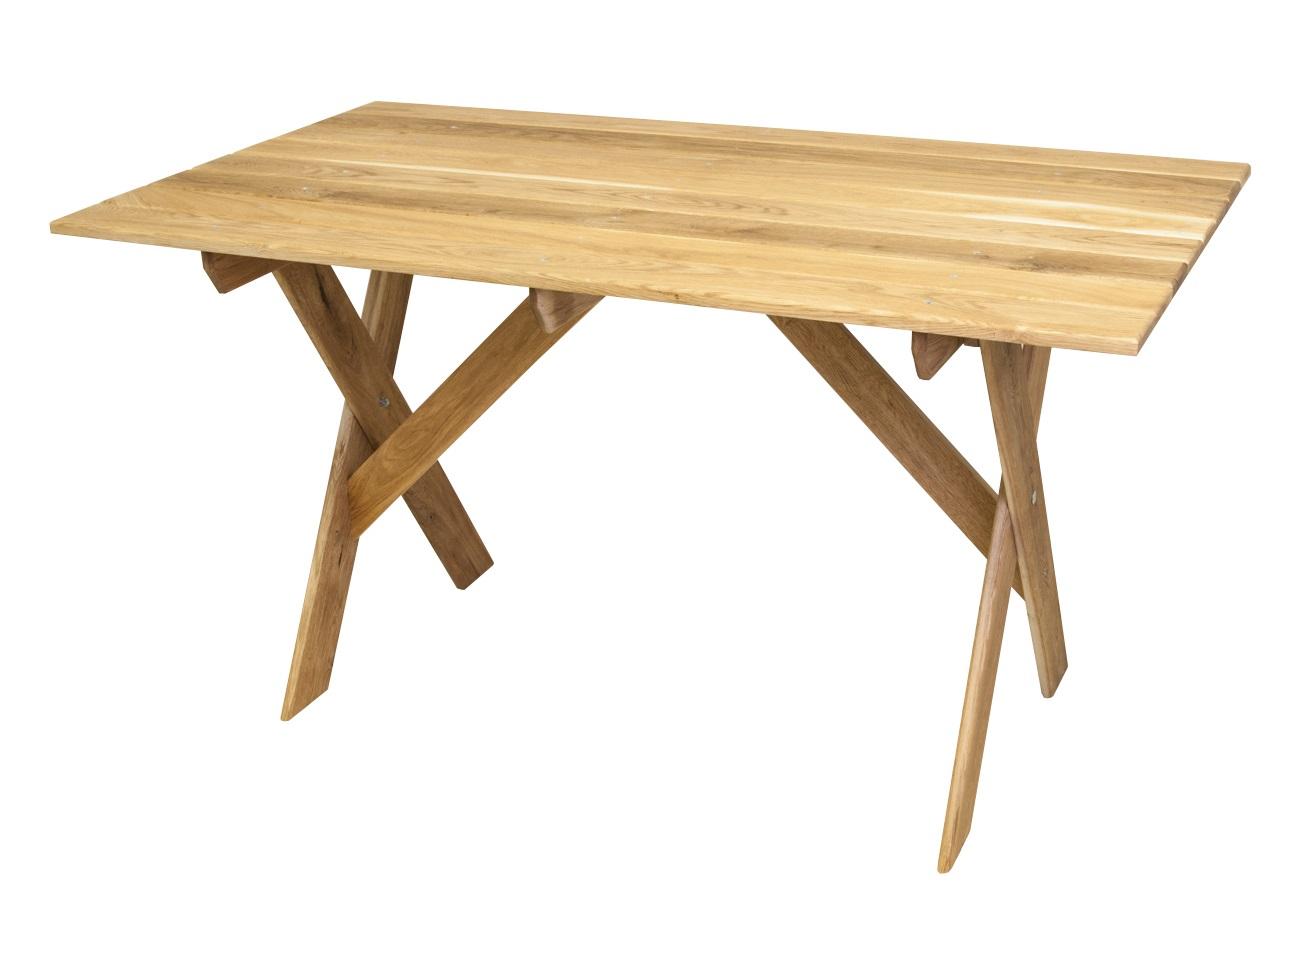 СтолОбеденные столы<br>Стол производится из массива дуба. Проходит термическую обработку и пропитку в экологически чистом масле с содержанием 30% парафина, применяемого в косметической отрасли. Эта технология не дает возможности проникать в древесину атмосферной влаге или прямого попадания воды(дождя). Мебель имеет натуральный цвет с хорошо выраженной структурой. Дополнительно не покрывается никакими красителями или пропитками.&amp;amp;nbsp;<br><br>Material: Дуб<br>Ширина см: 150<br>Высота см: 78<br>Глубина см: 80